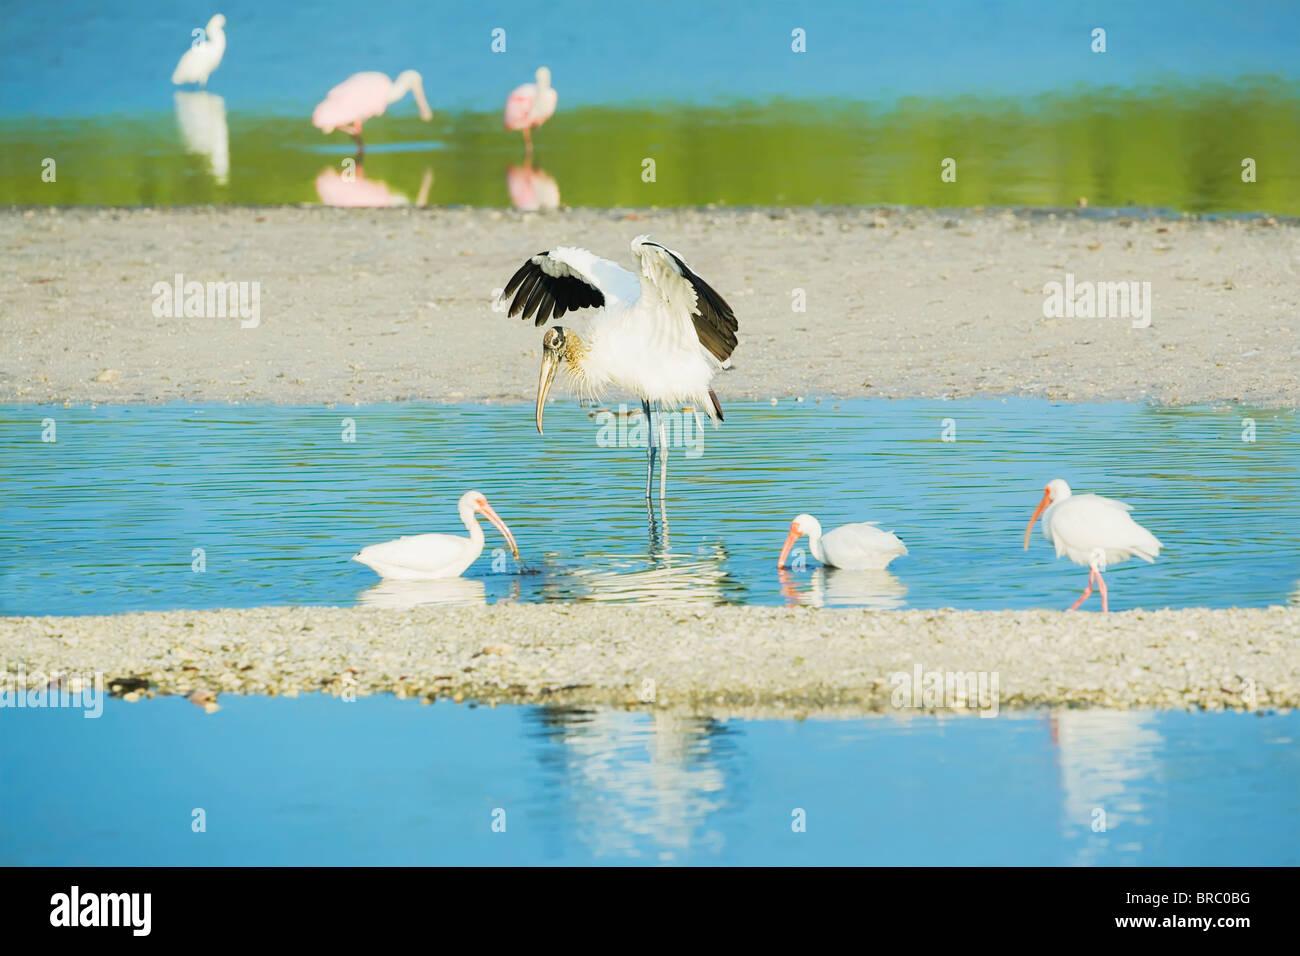 Wood Stork spreading wings and Roseate Spoonbills, Sanibel Island, J. N. Ding Darling National Wildlife Refuge, - Stock Image